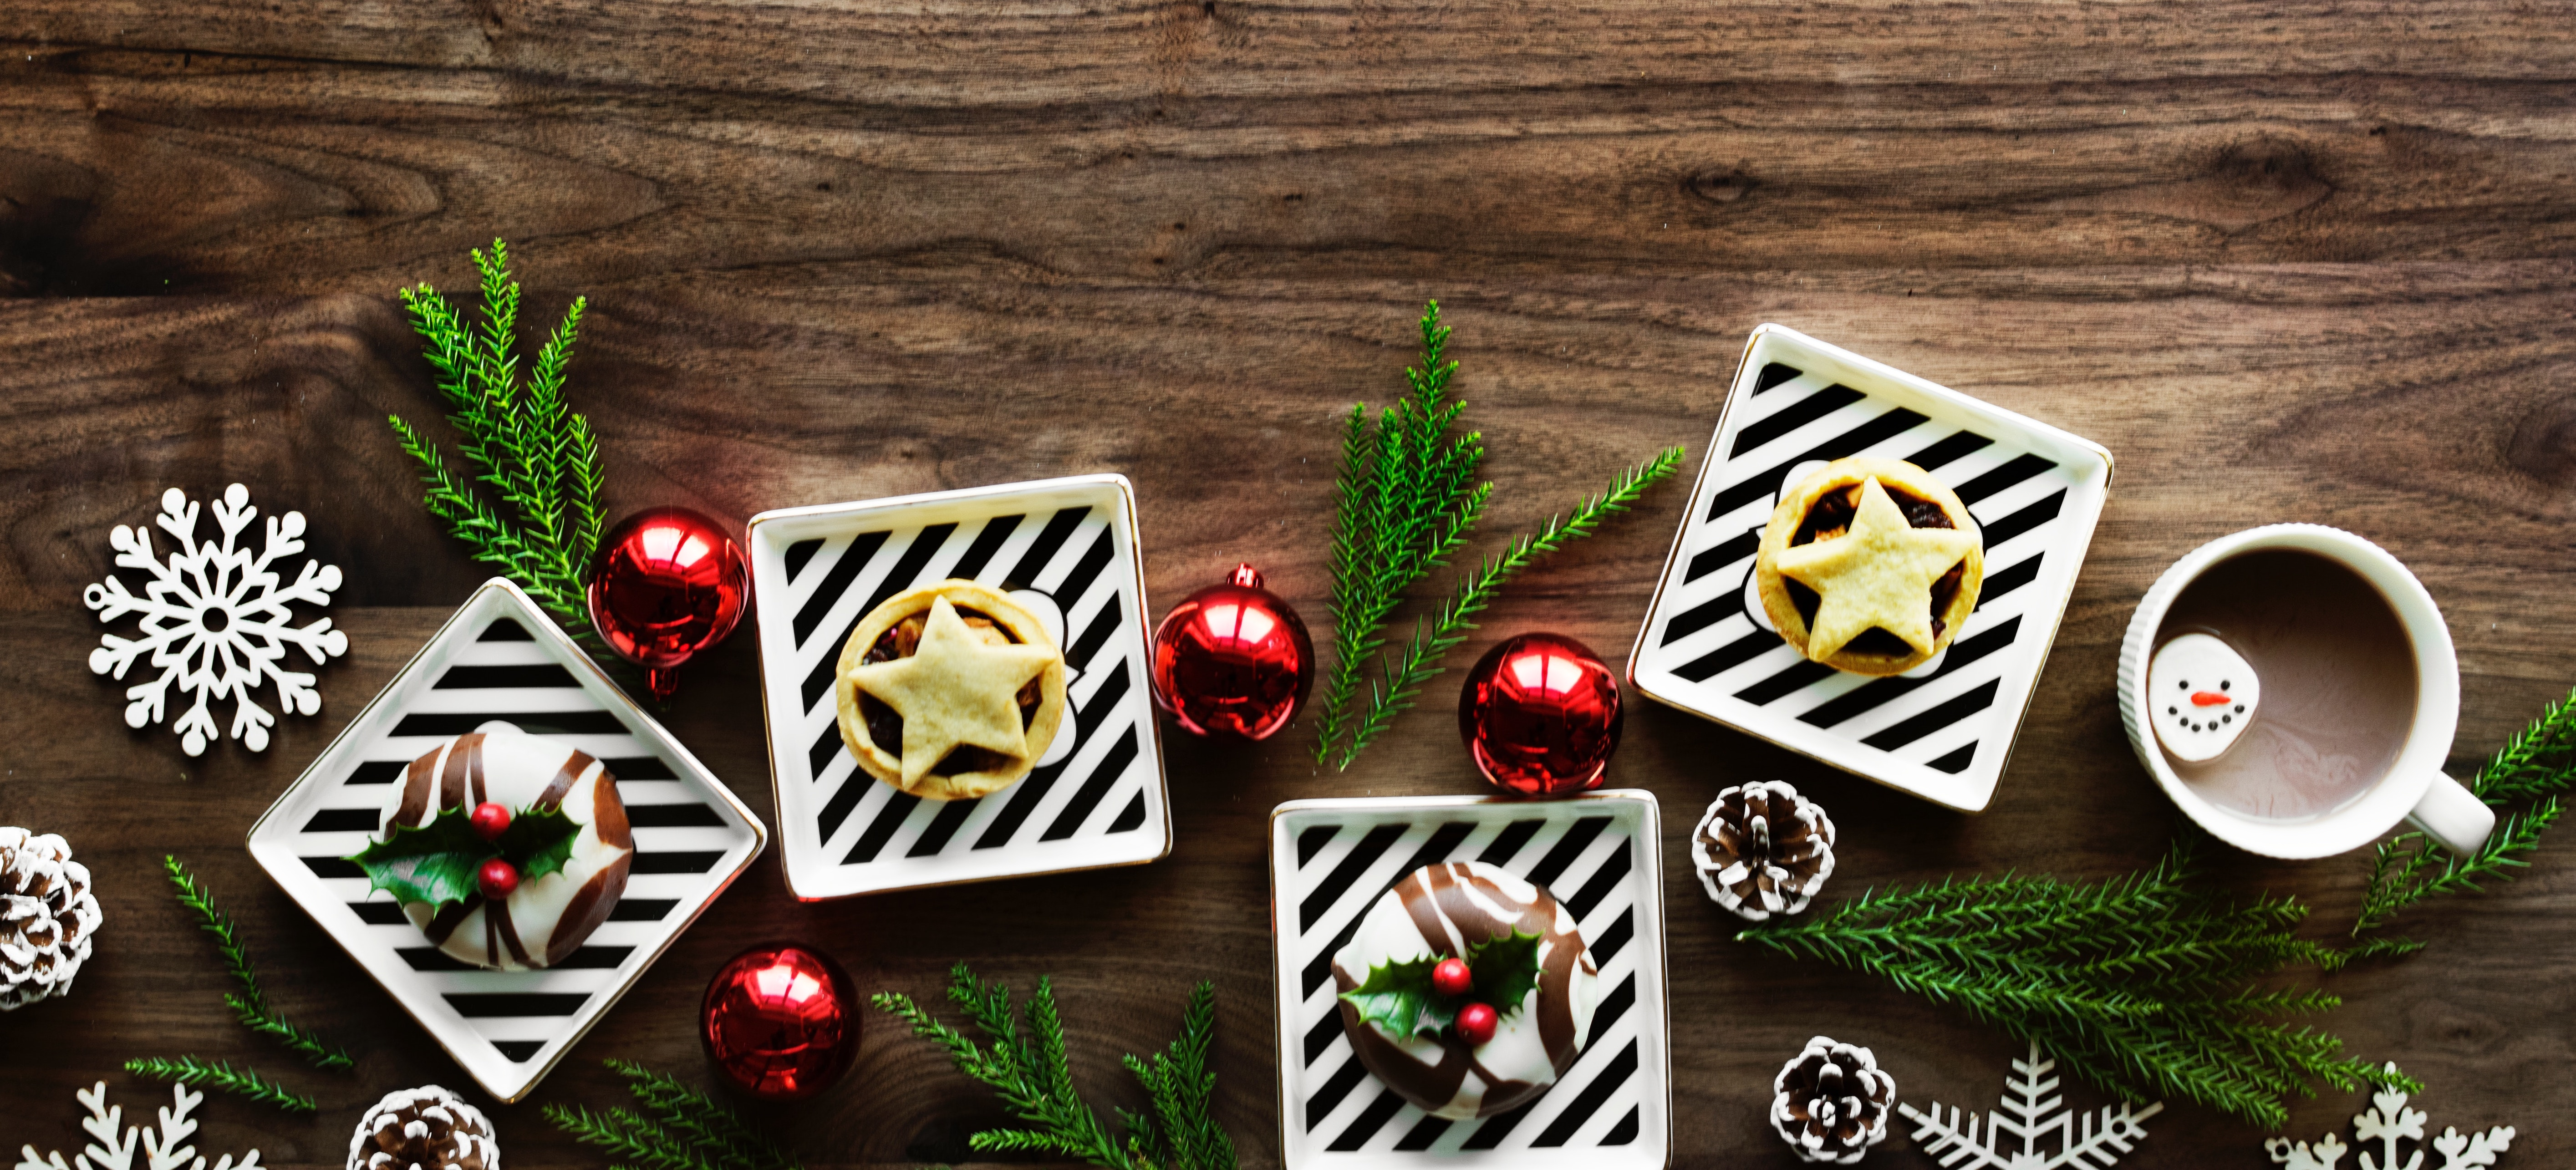 Notre sélection de bûches pour Noël